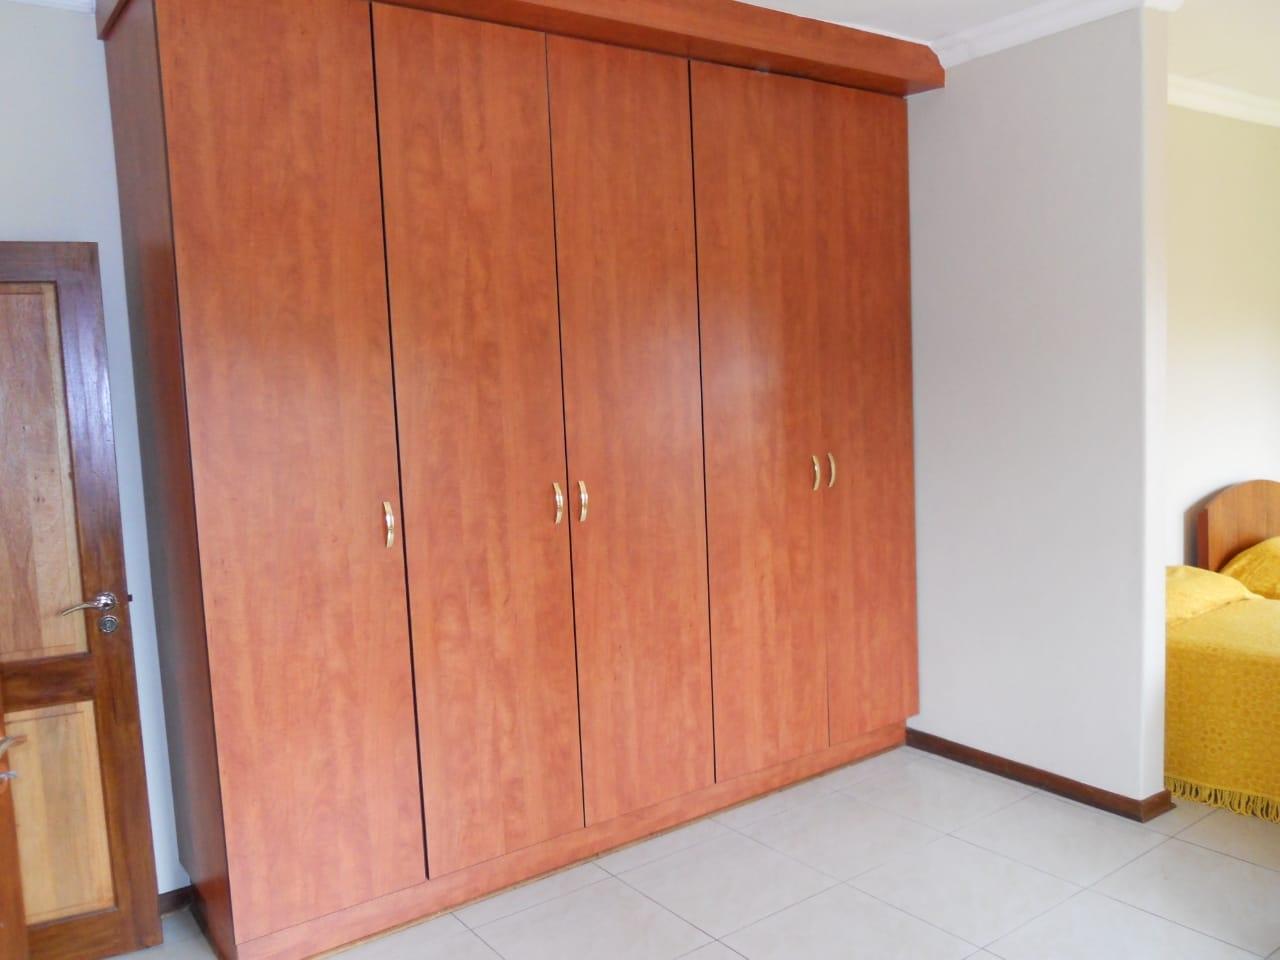 Bedroom 2 cupboards